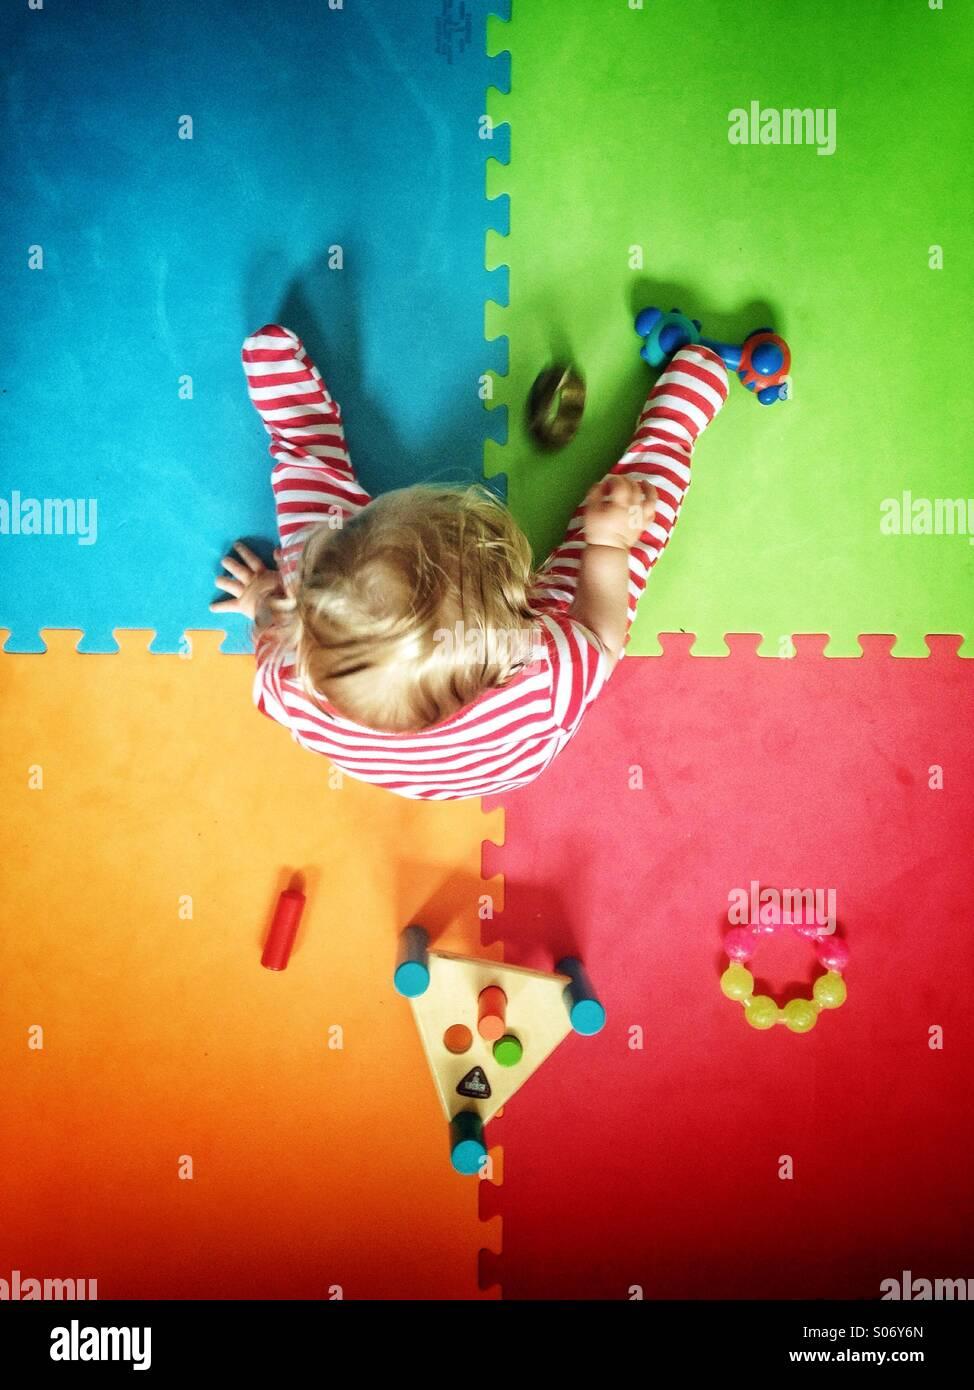 Il bambino gioca su coloratissimo tappeto gioco Foto Stock